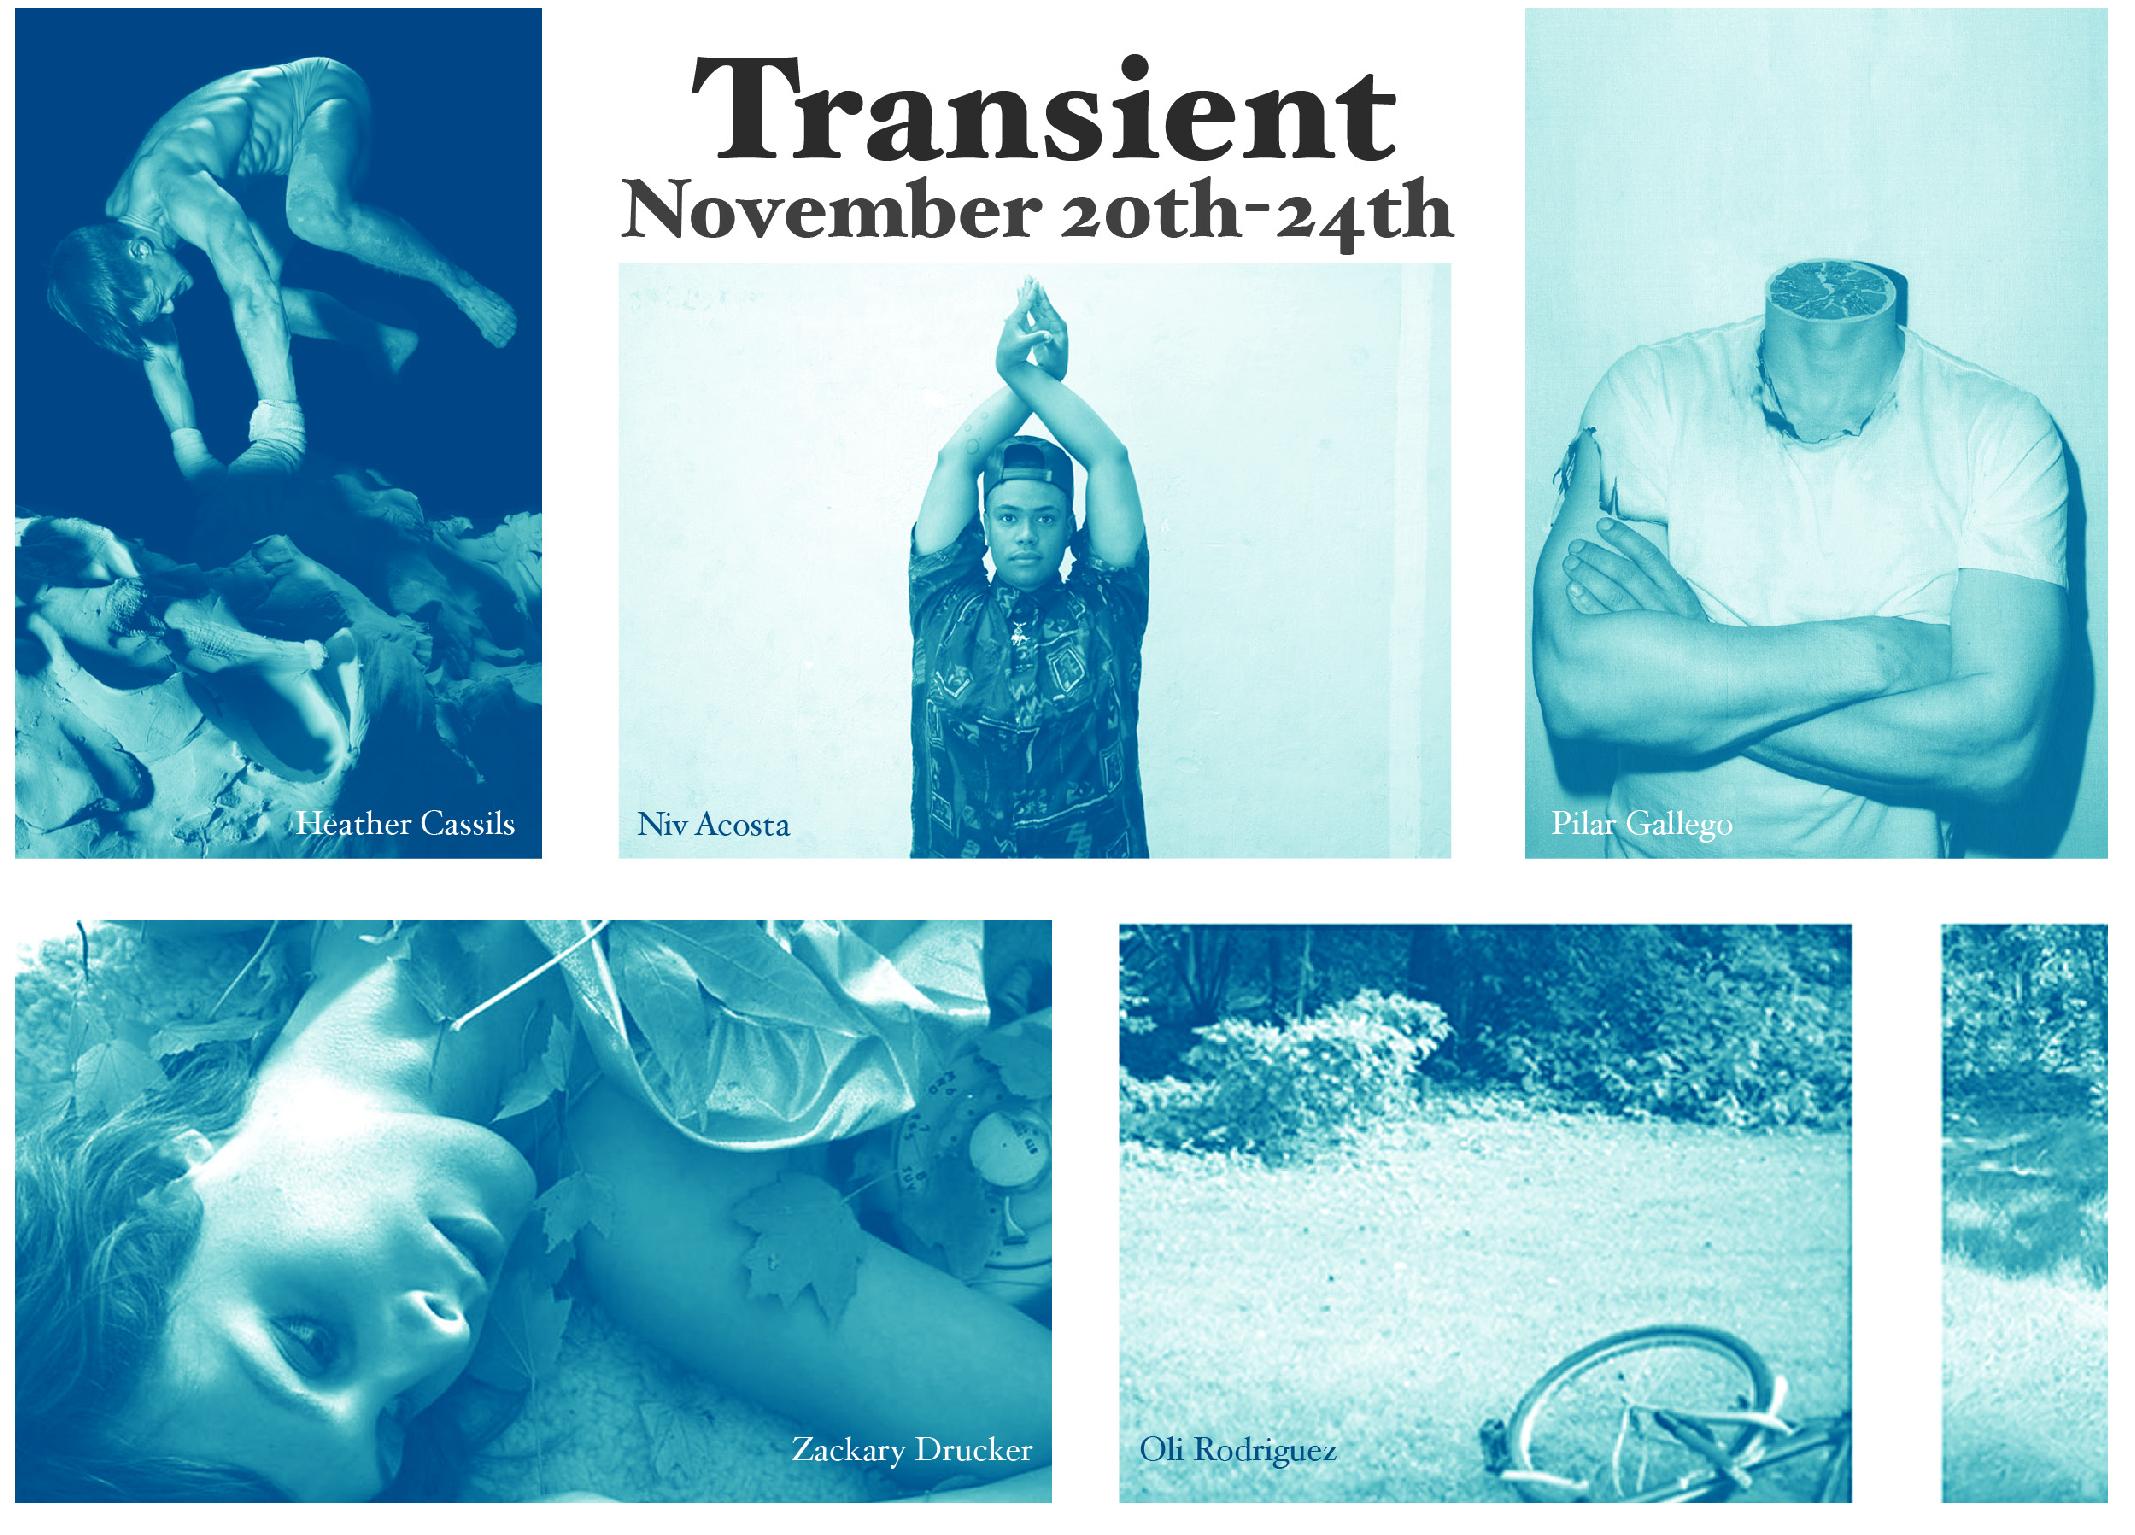 transient_postcard_filesfrontback.jpg